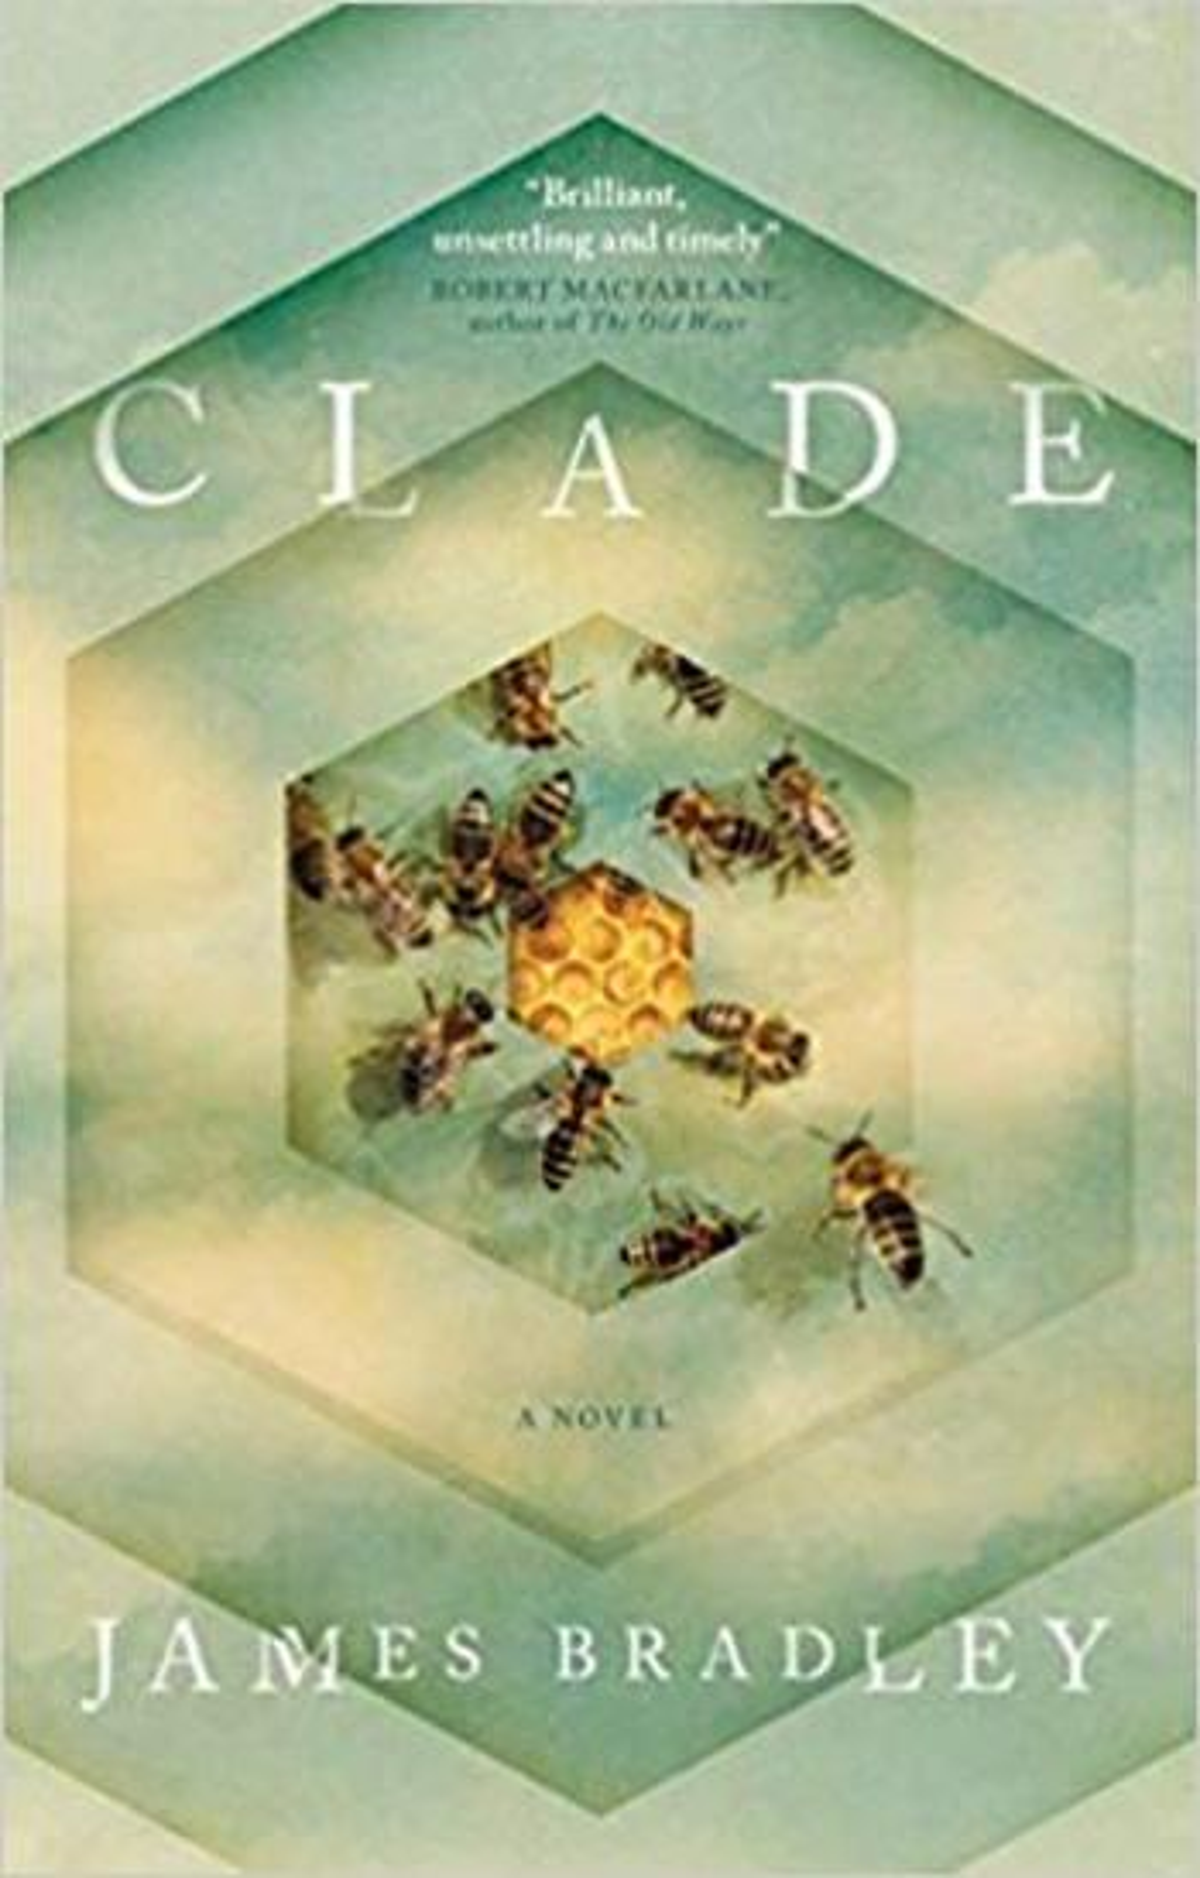 The novel Clade